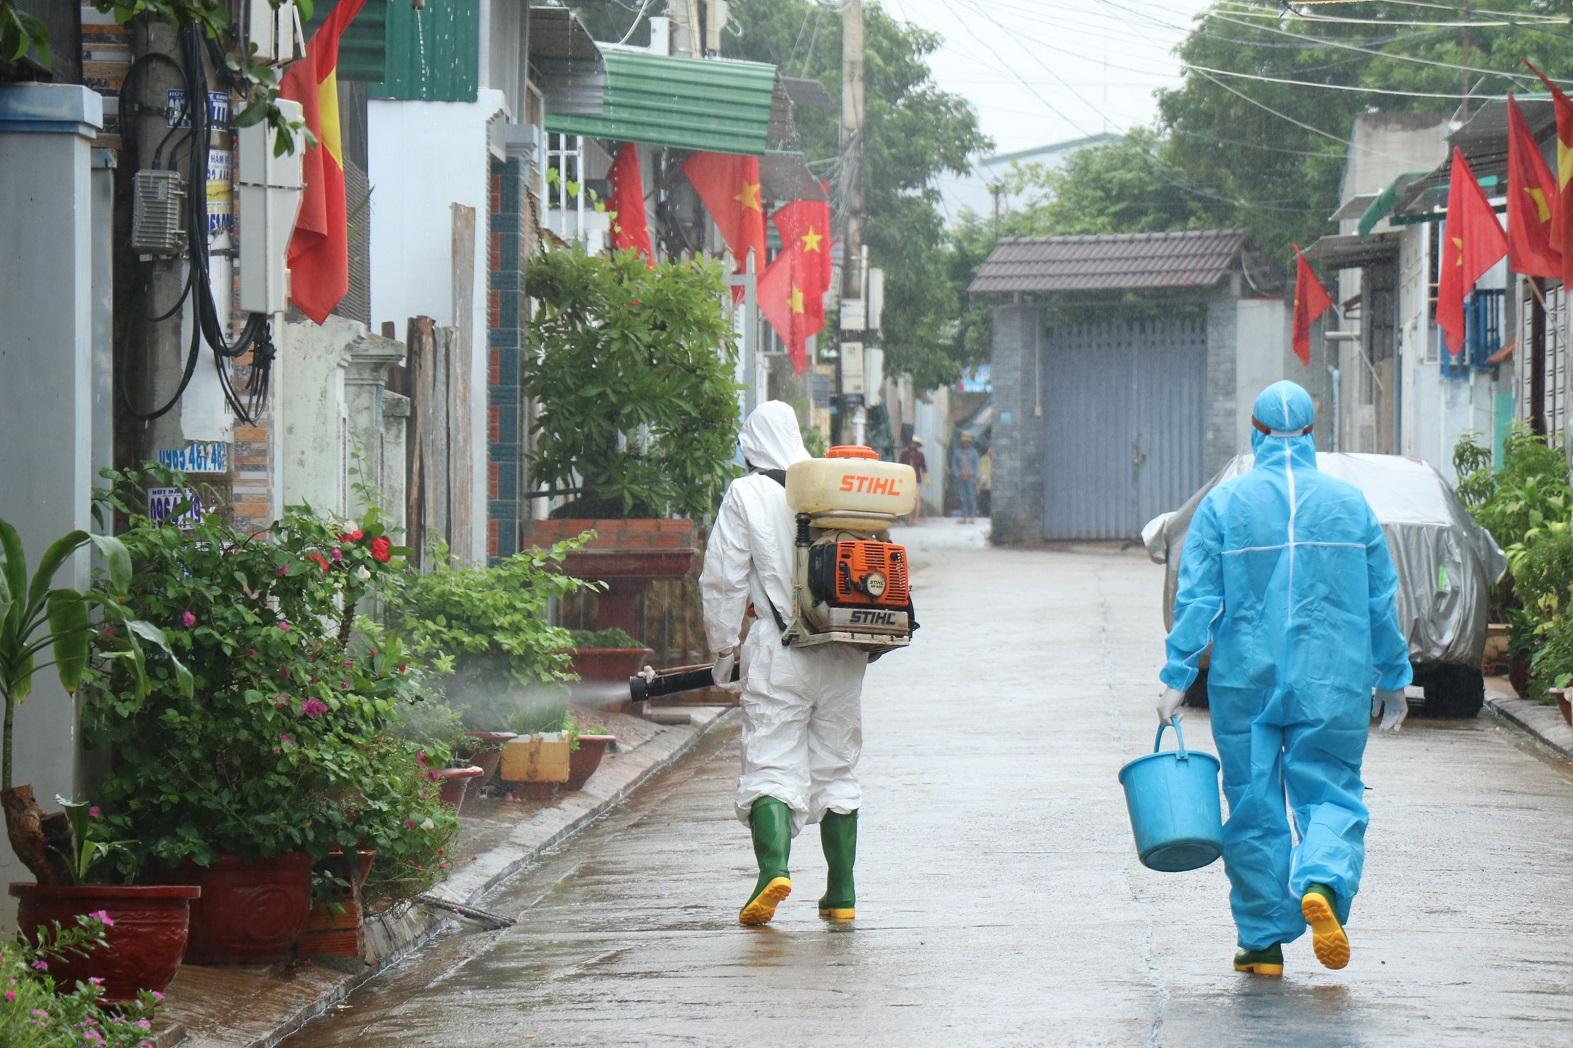 Trên địa bàn tỉnh Đắk Lắk đã ghi nhận 10 trường hợp dương tính với SARS-CoV-2